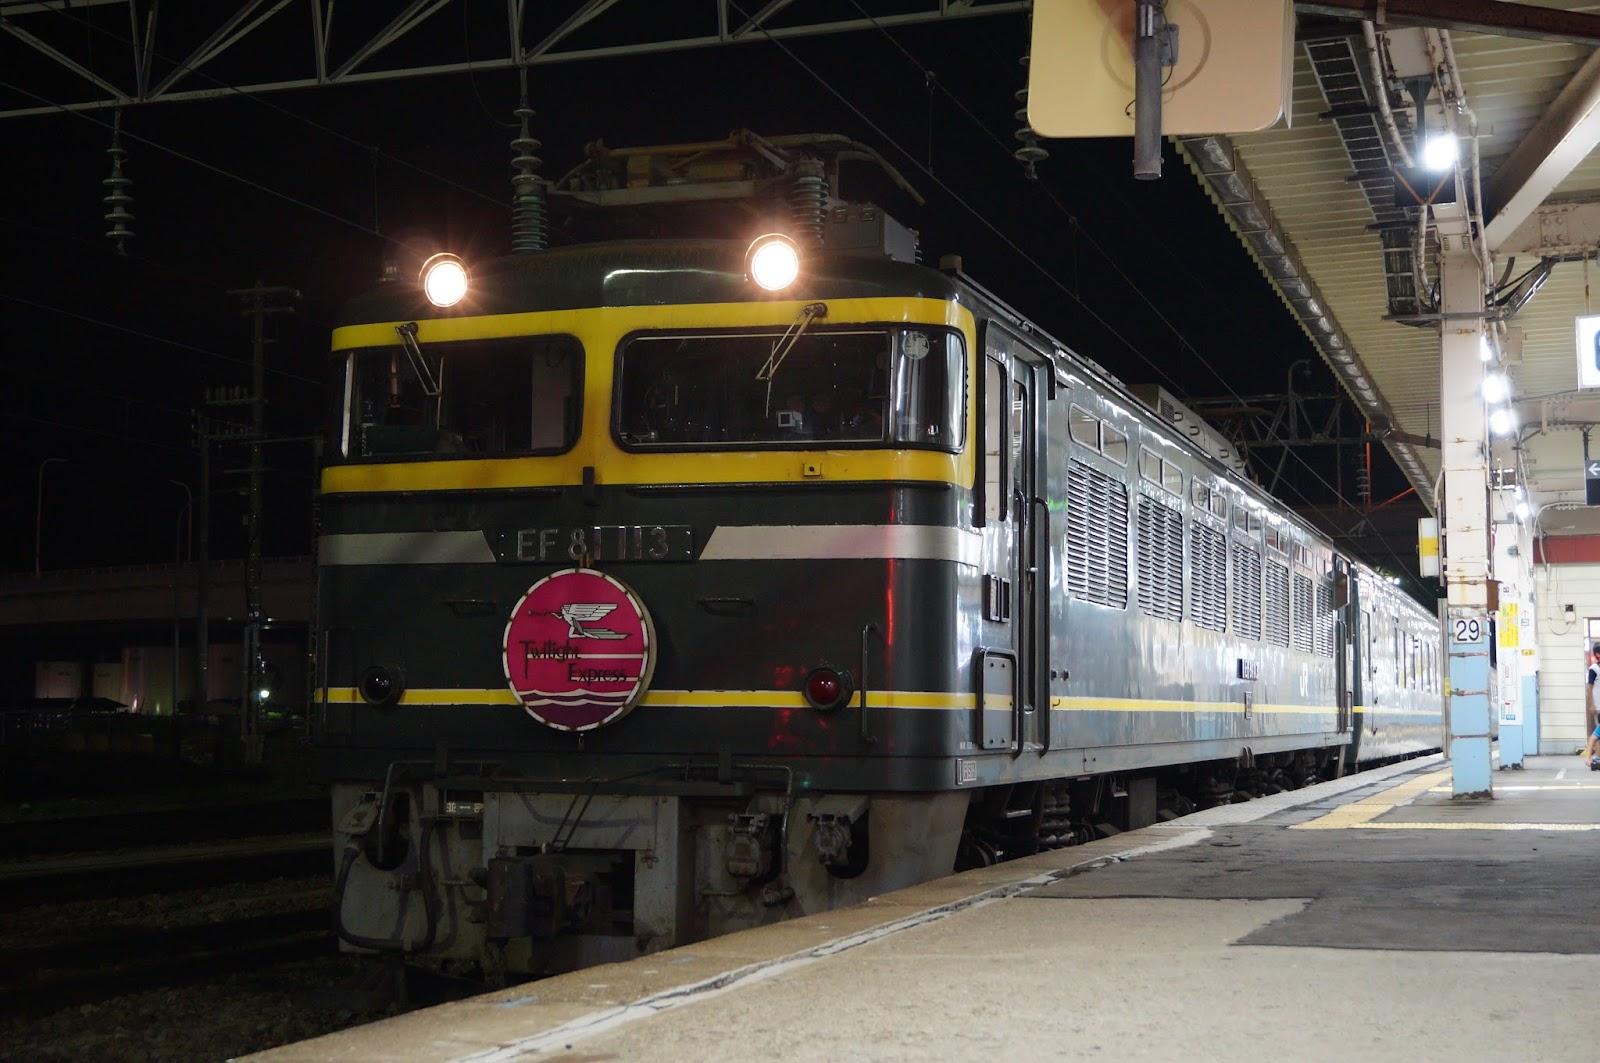 奥羽線青森駅で停車中のトワイライトエクスプレス